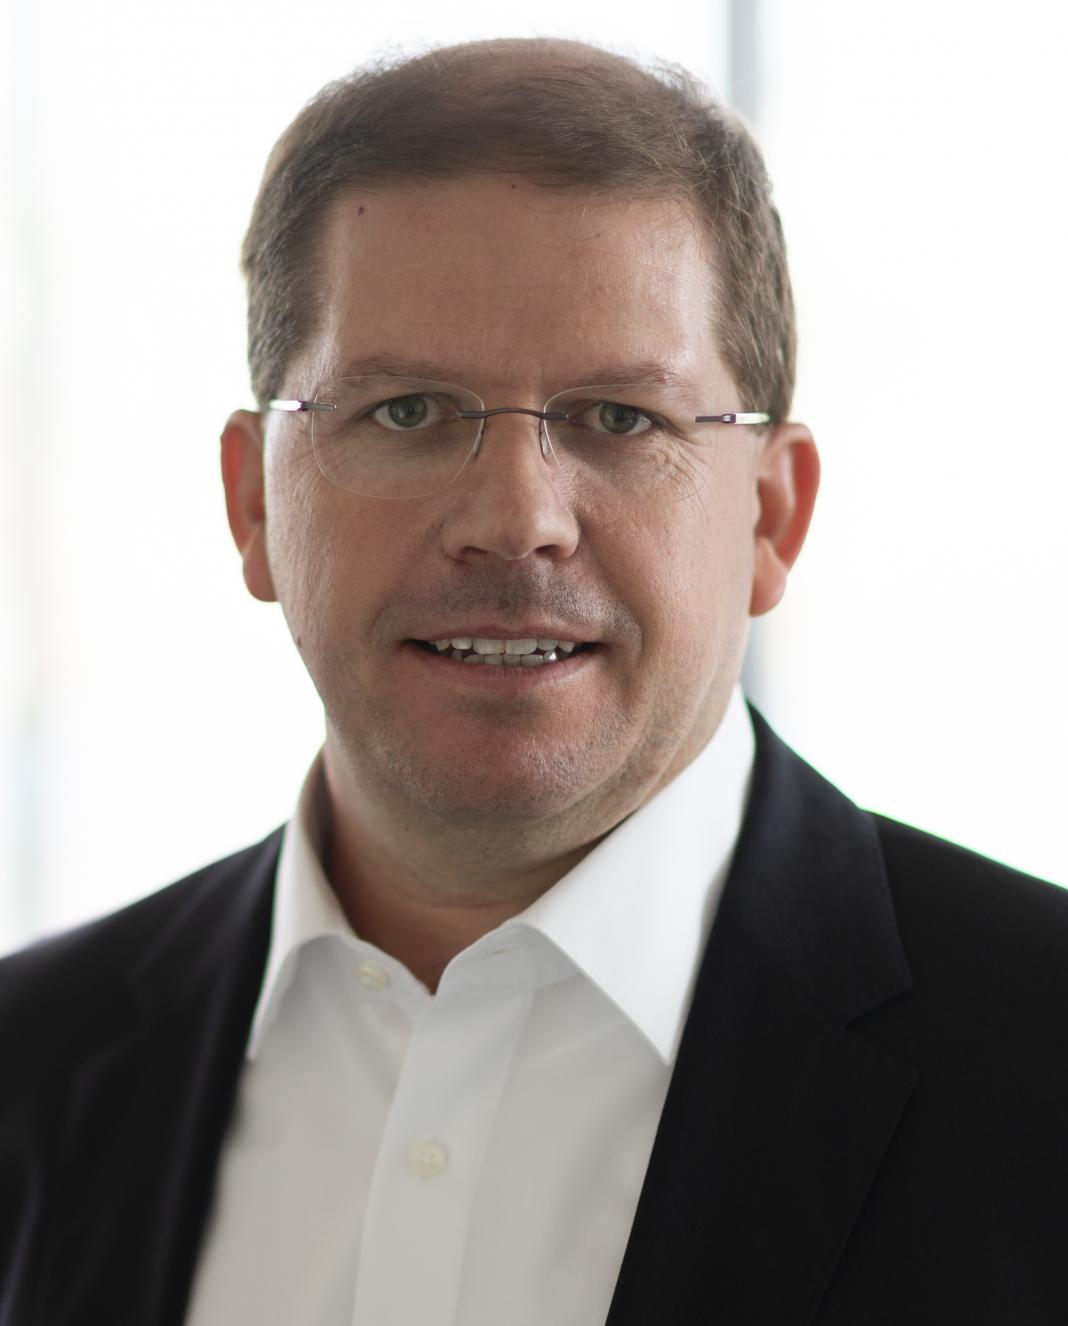 Christian Geißler, Leadec Holding BV & Co. KG